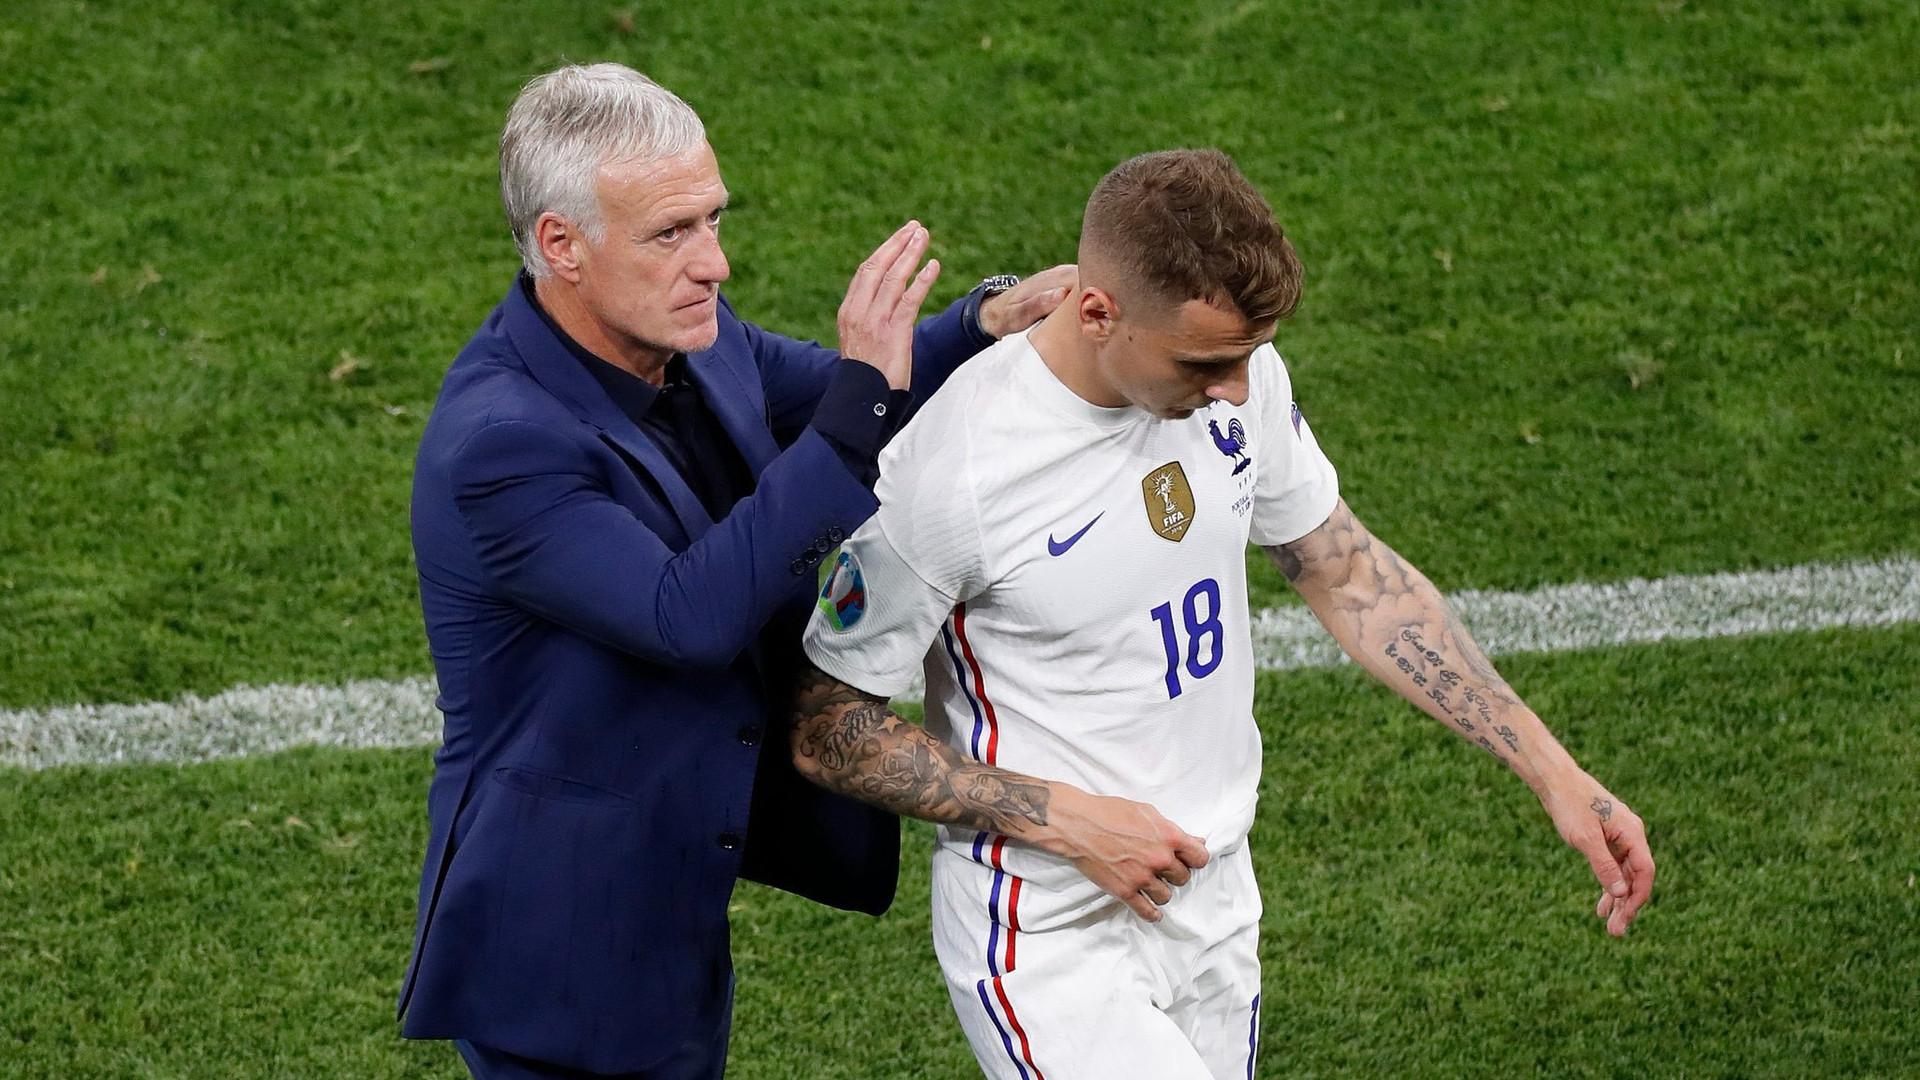 Pháp gặp họa lớn trước vòng 1/8 Euro 2020-4